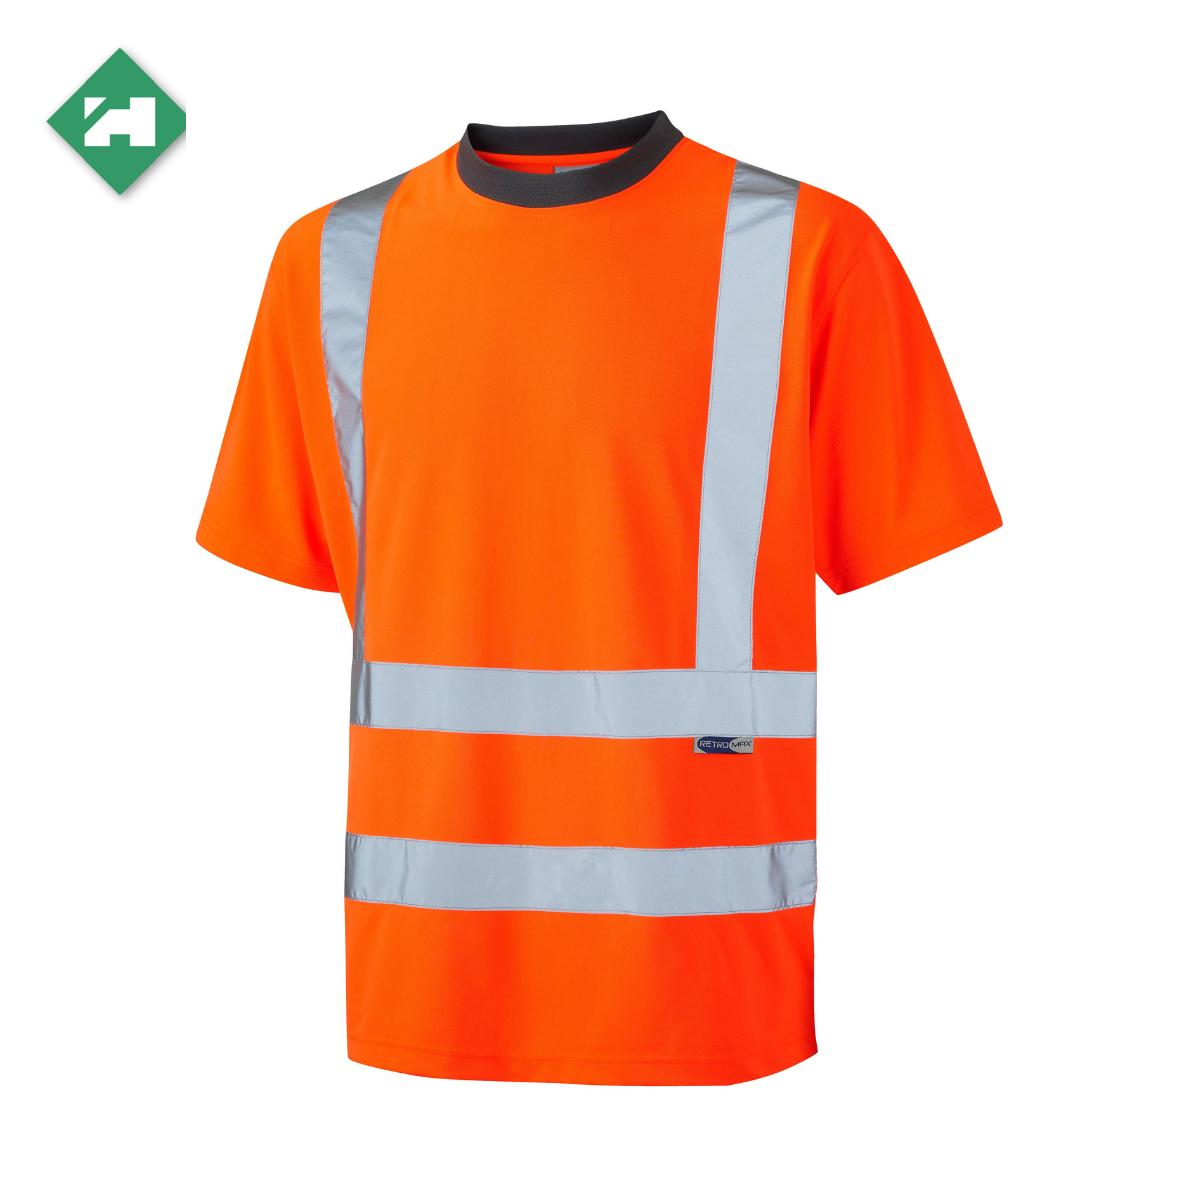 HV0070_EcoViz Polyester T-Shirt_Orange